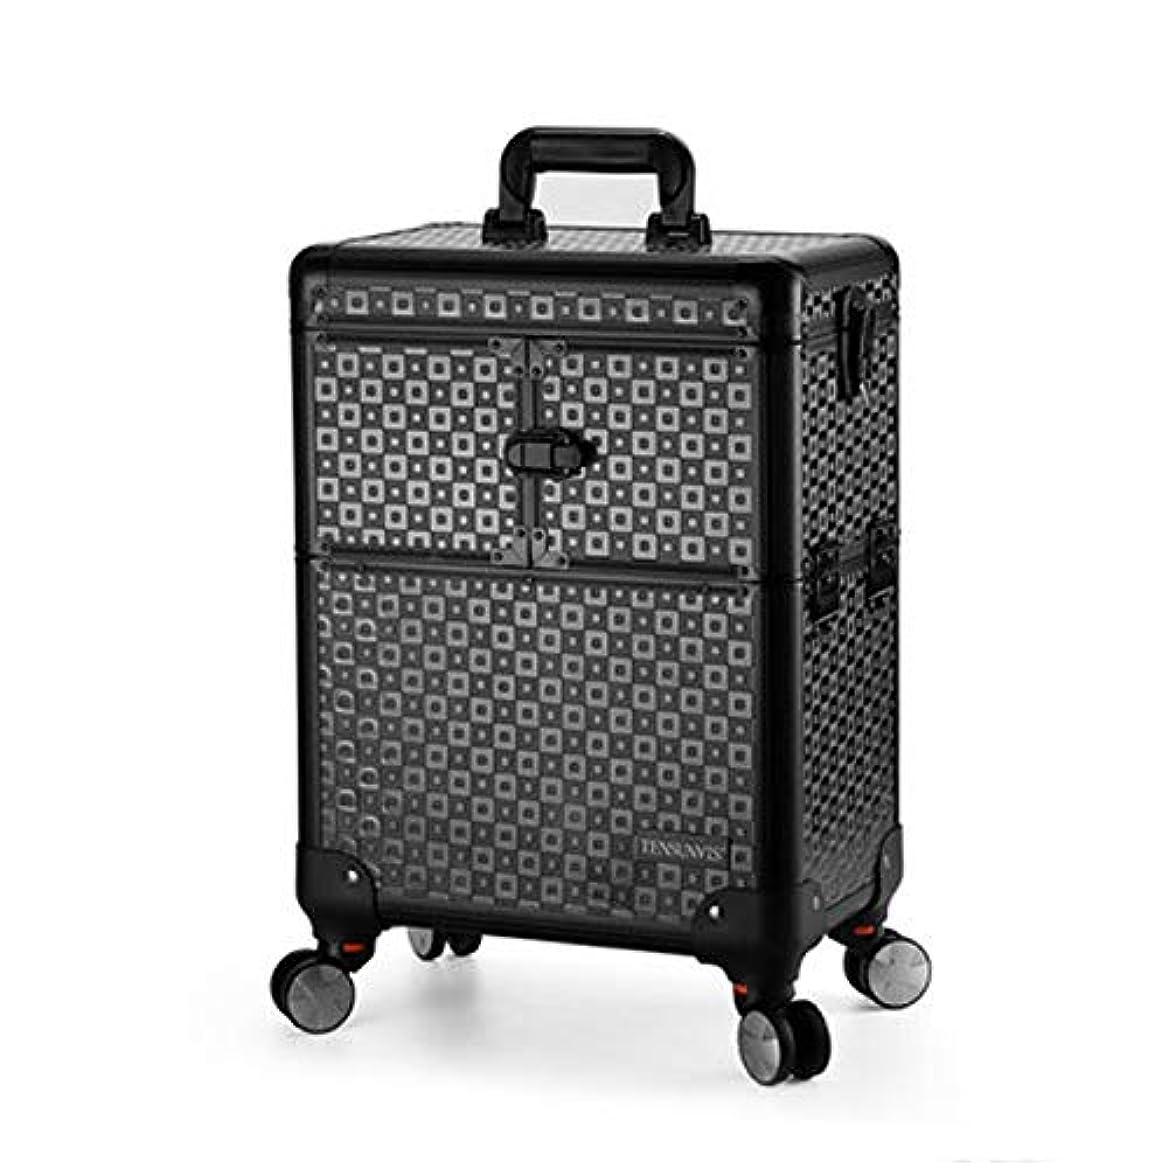 疎外する天有望プロ専用 美容師 クローゼット スーツケース メイクボックス キャリーバッグ ヘアメイク プロ 大容量 軽量 高品質 多機能 I-TT-4622-TB-T